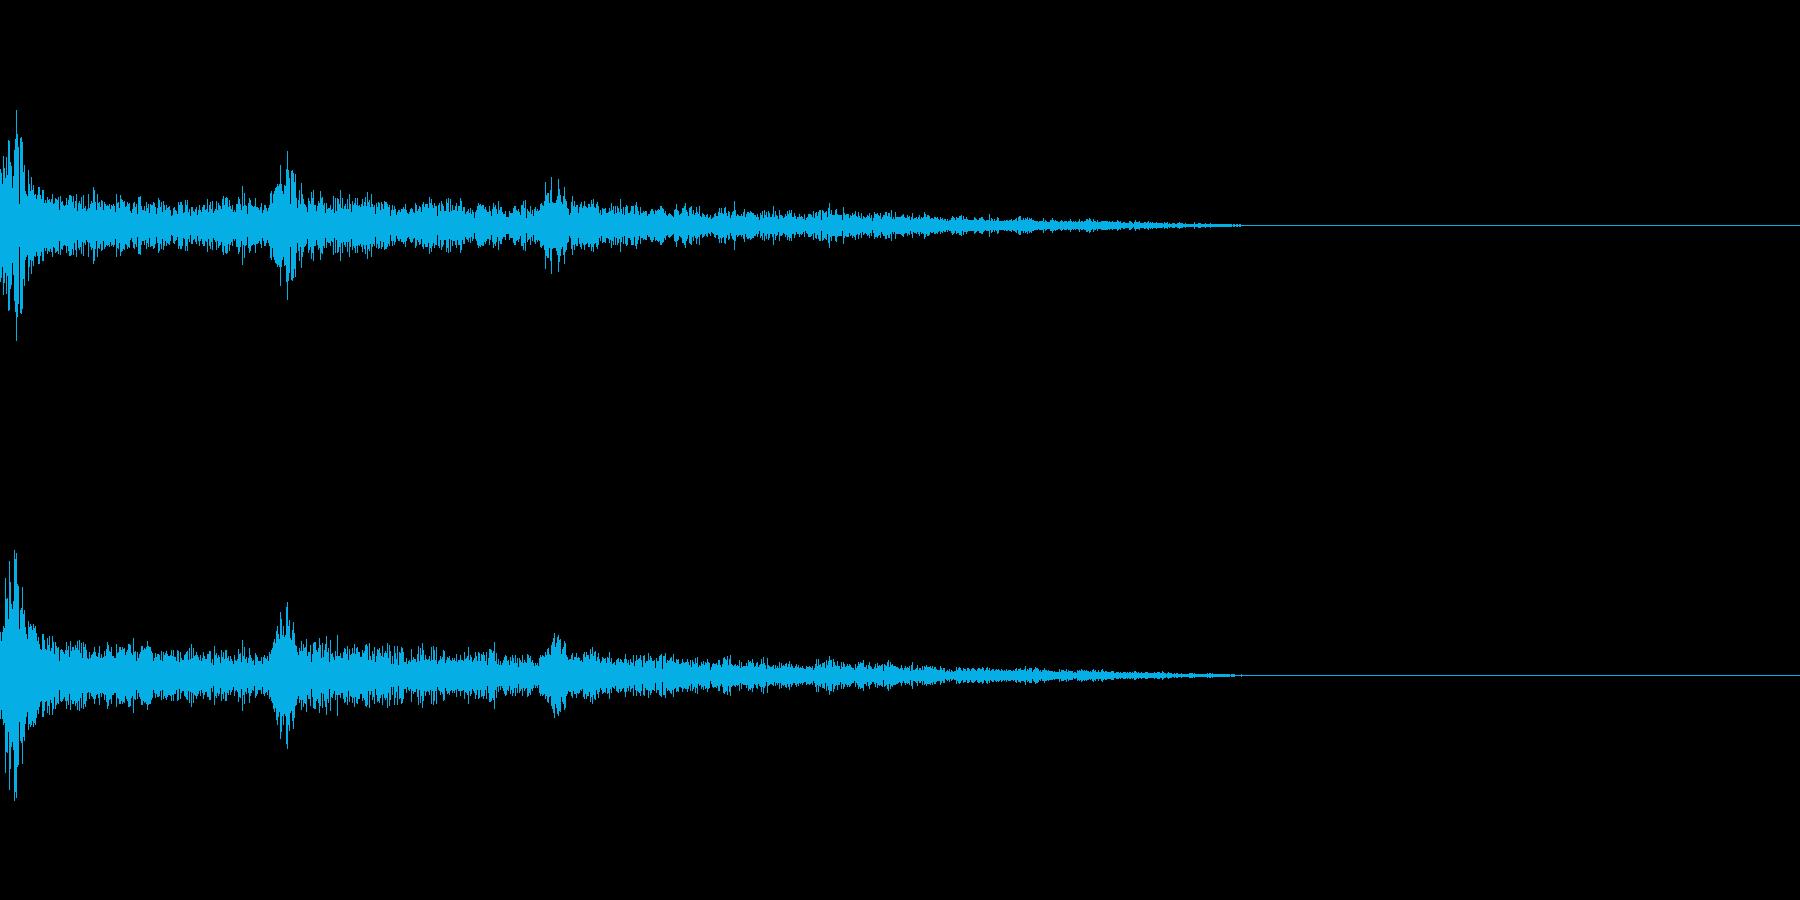 【Horror】決定【カーソル】の再生済みの波形